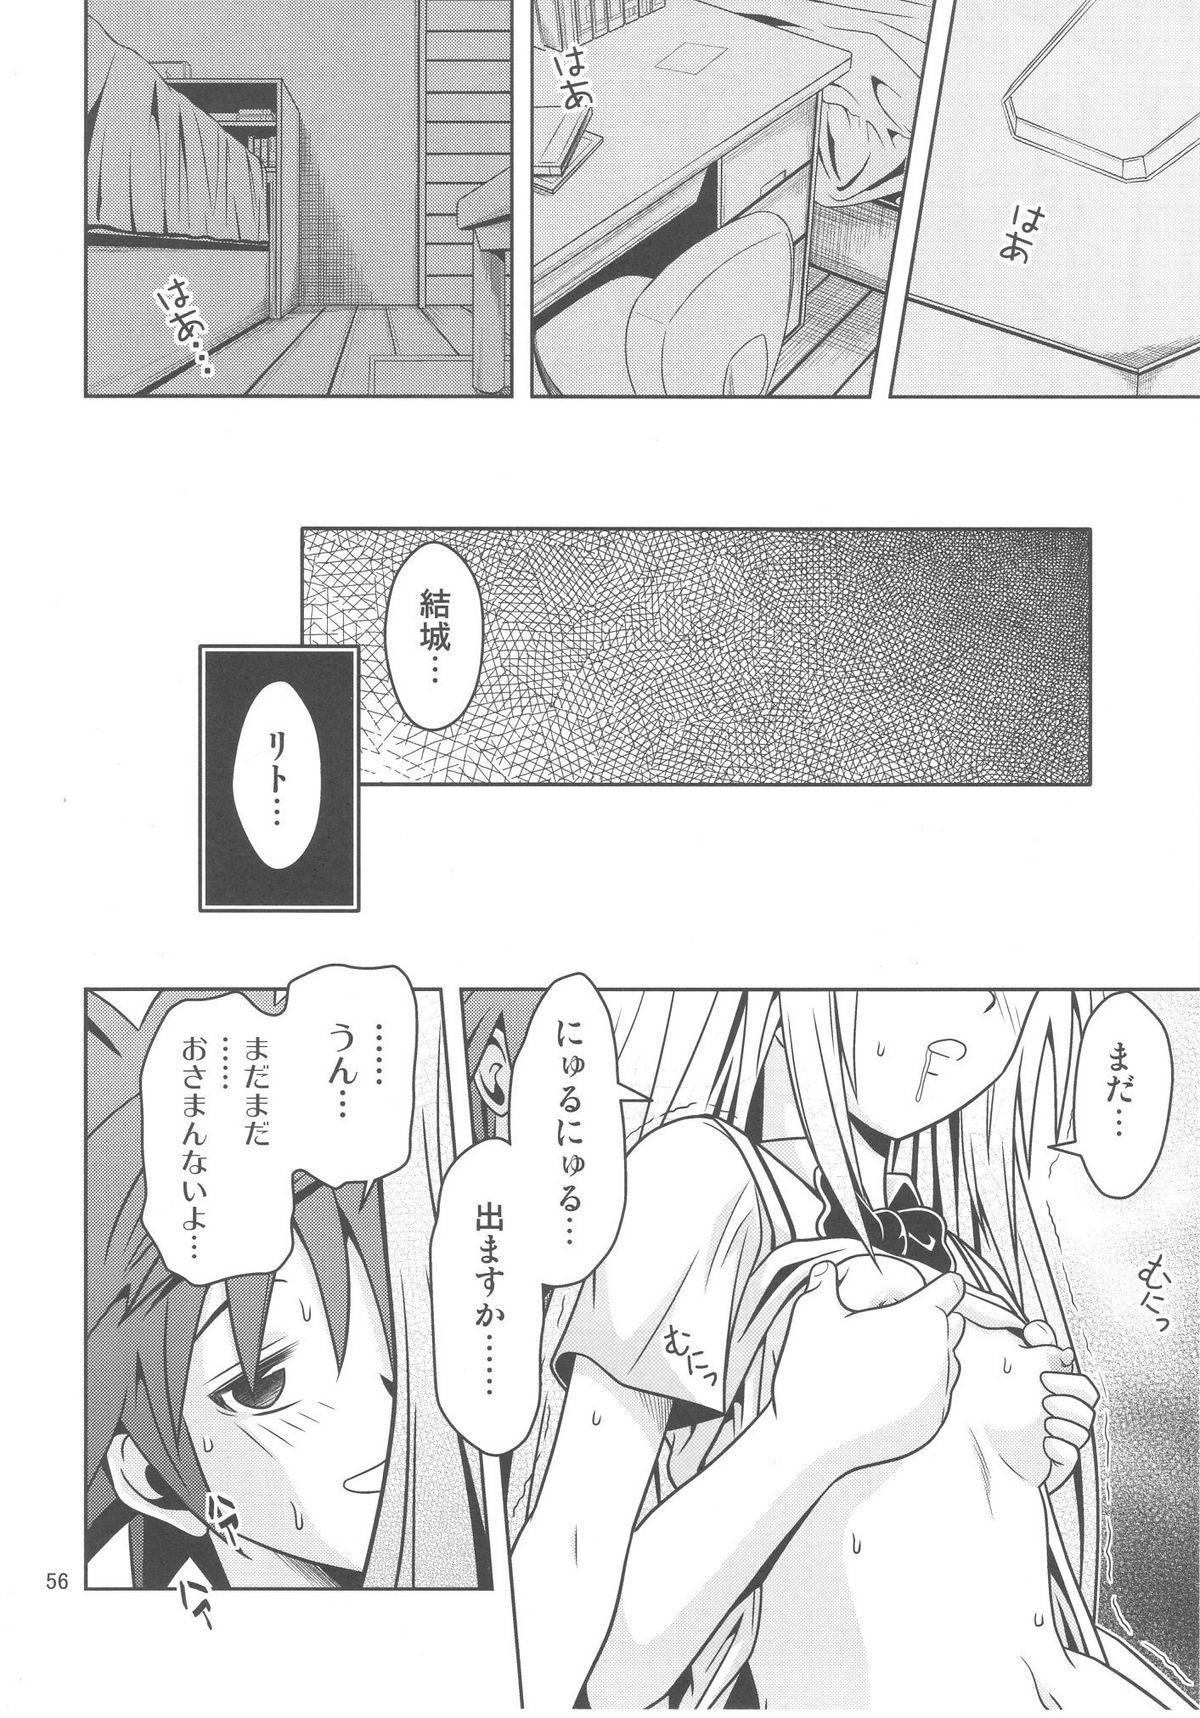 Anoko-tachi ga Taihen na Koto ni Nattemasu 3 55